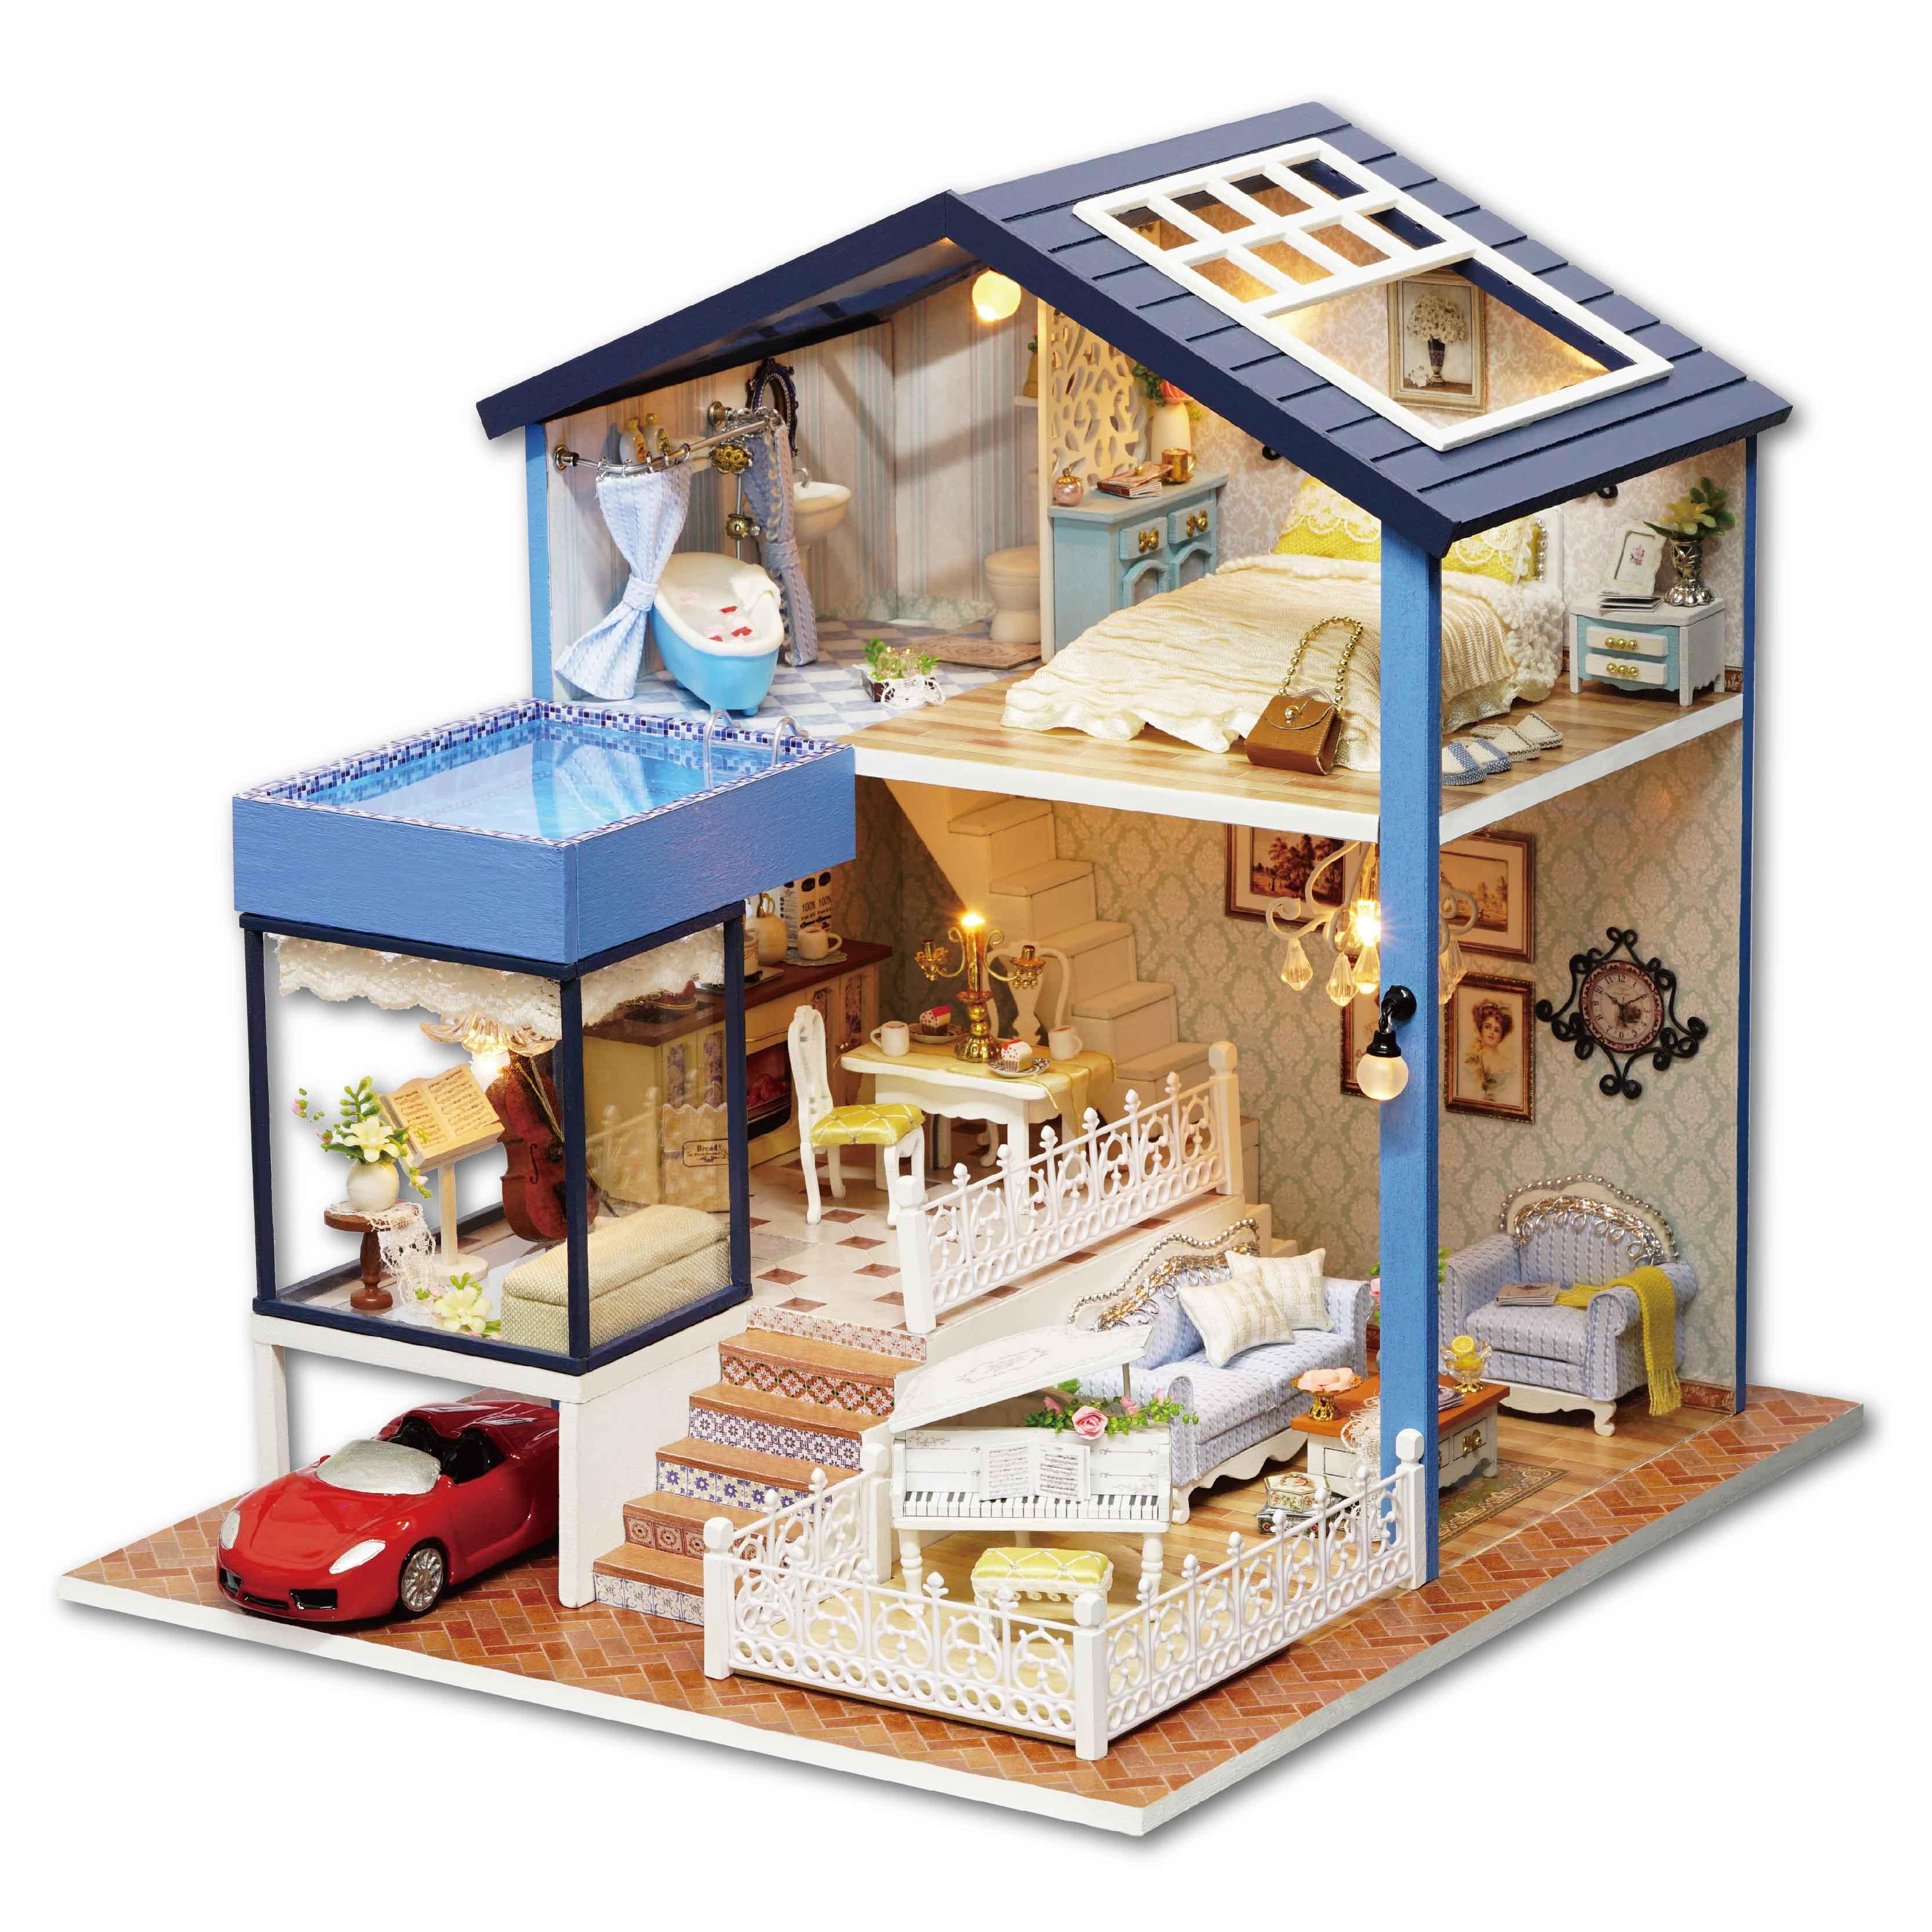 智趣屋diy小屋西雅图别墅 手工制作小房子拼装建筑模型玩具礼物